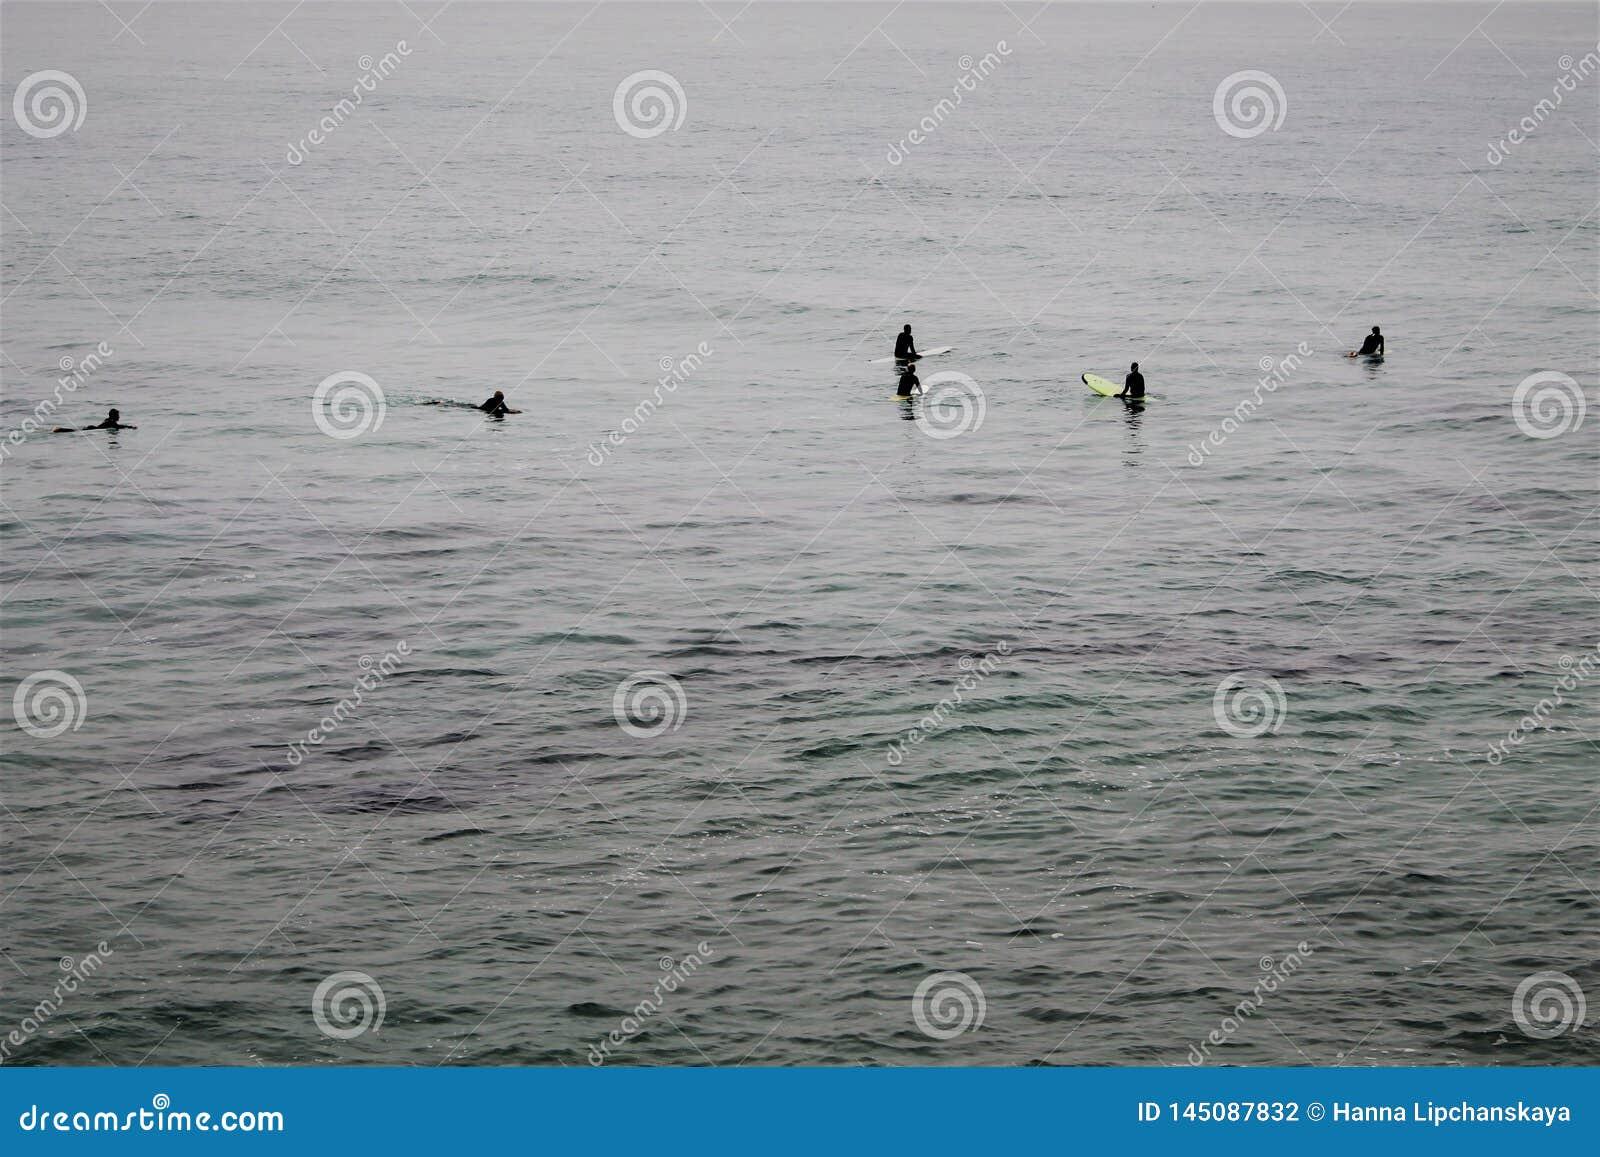 Cinq surfers attendant une vague